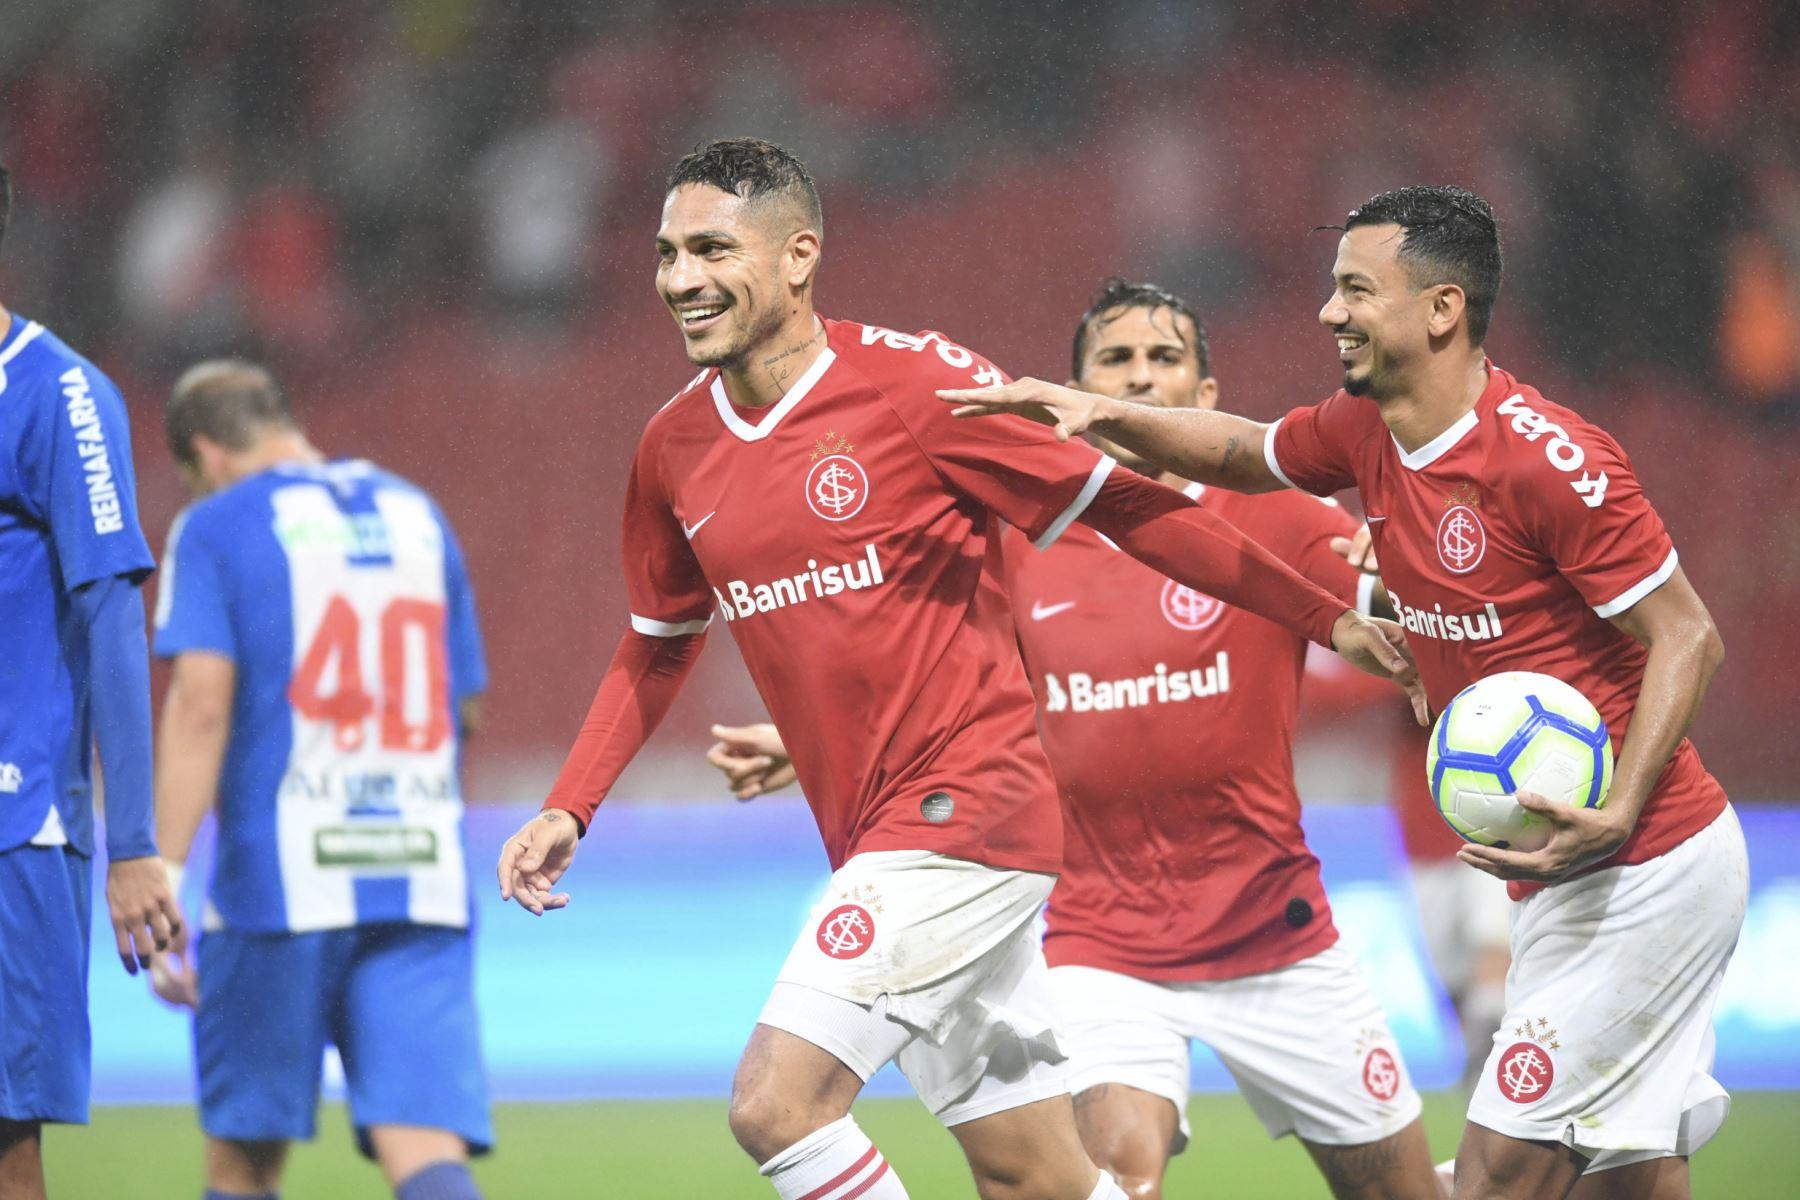 Con dos goles de Paolo Guerrero, el Internacional de Porto Alegre derrotó por 3-1 al Paysandu en el Estadio Beira-Rio por el partido de ida de los octavos de final de la Copa de Brasil. (Foto: Ricardo Duarte/ Sport Club Internacional)